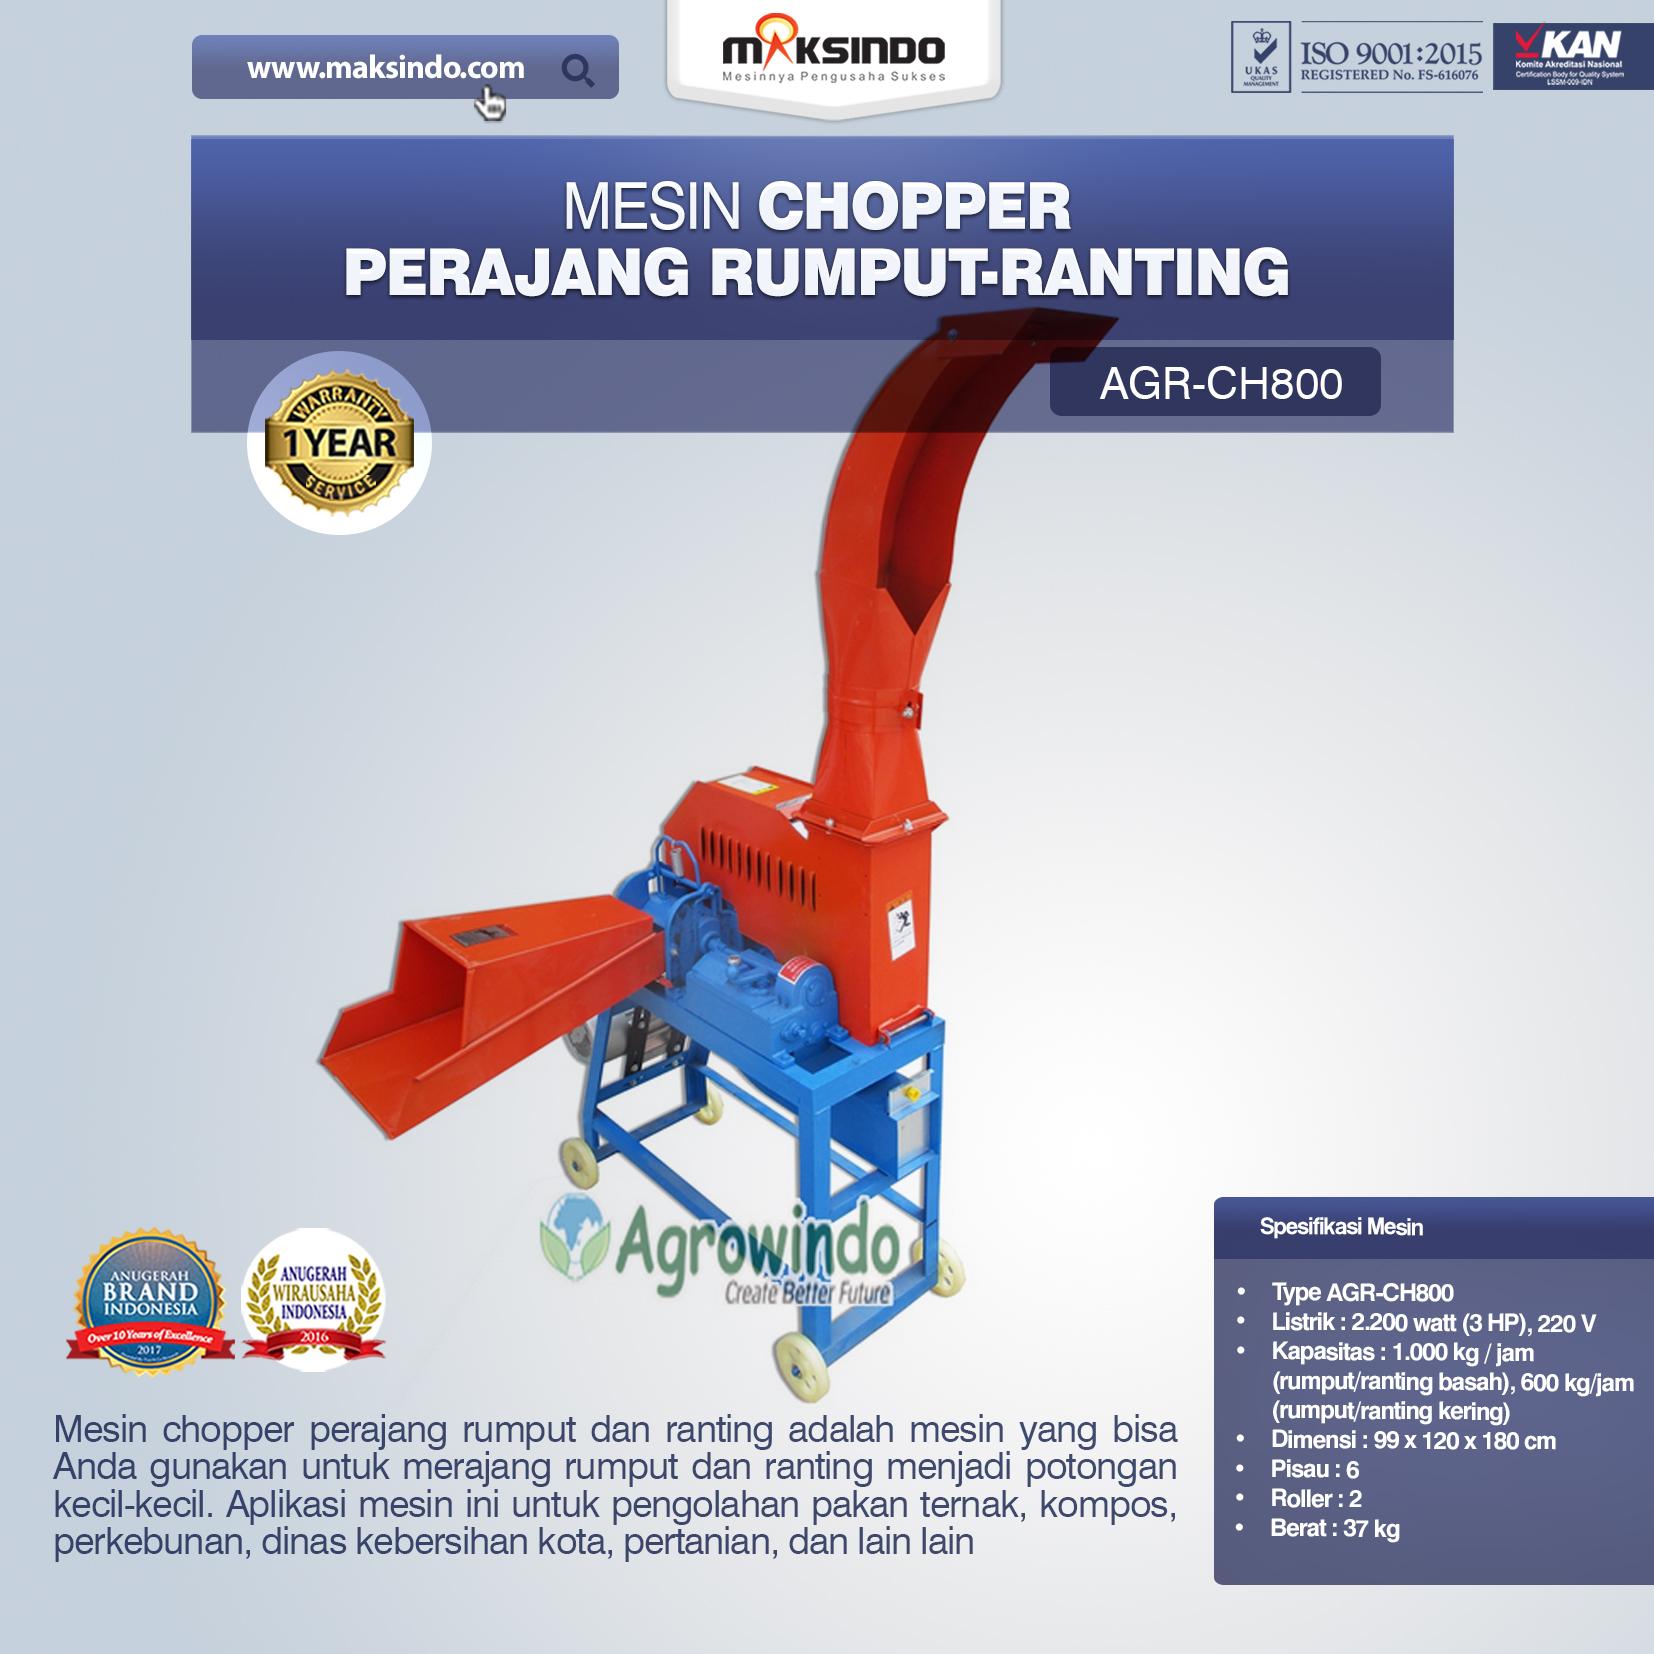 Jual Mesin Chopper Perajang Rumput-Ranting (AGR-CH800) di Banjarmasin